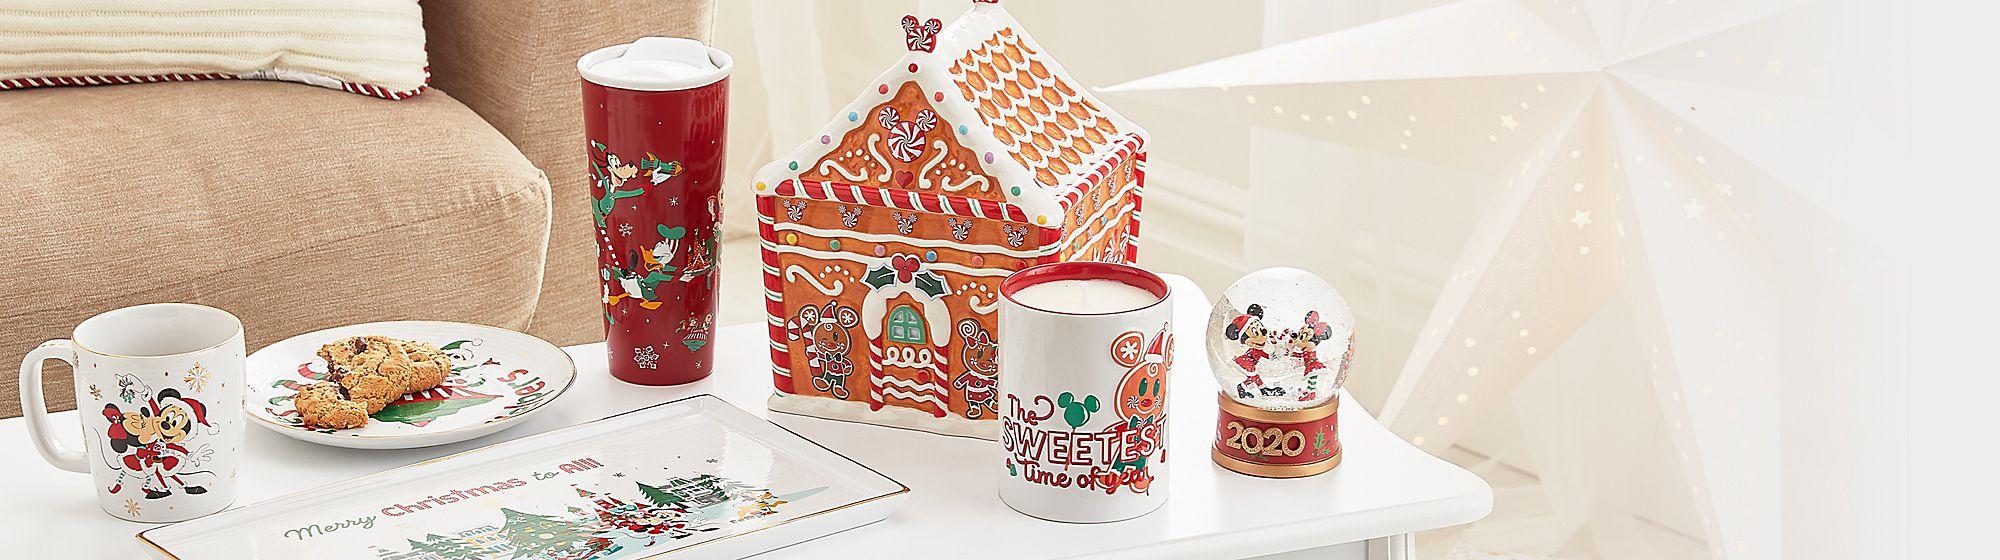 Boutique de Noël Soyez de bonne humeur avec notre collection festif VOIR LA COLLECTION